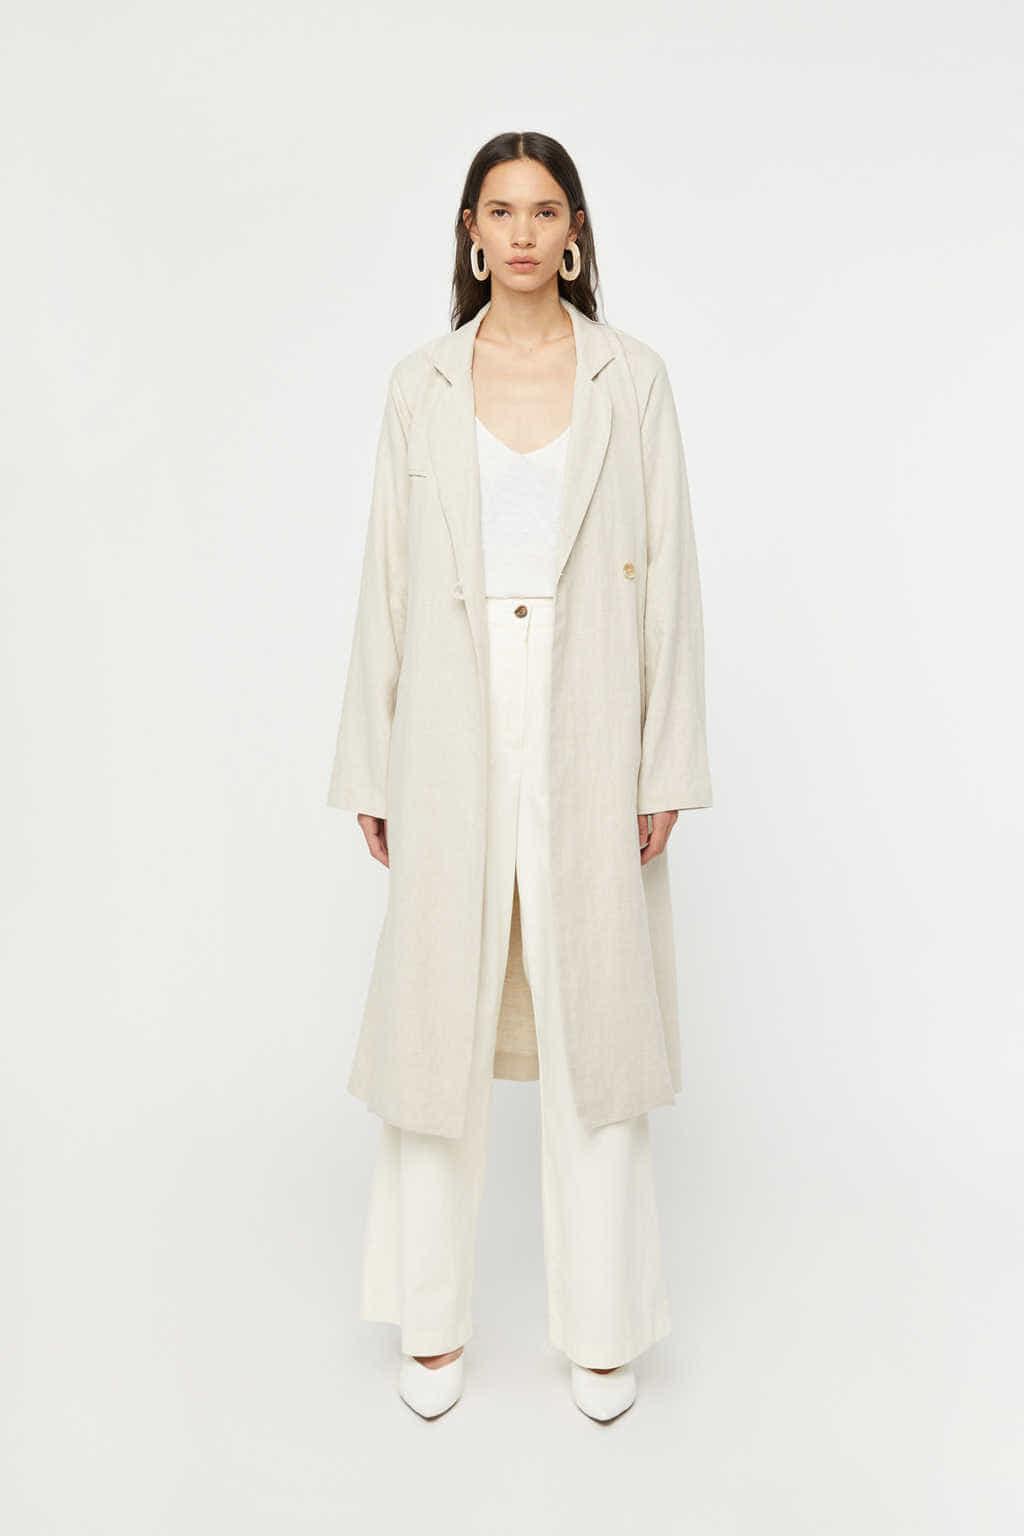 Coat K001 Beige 2